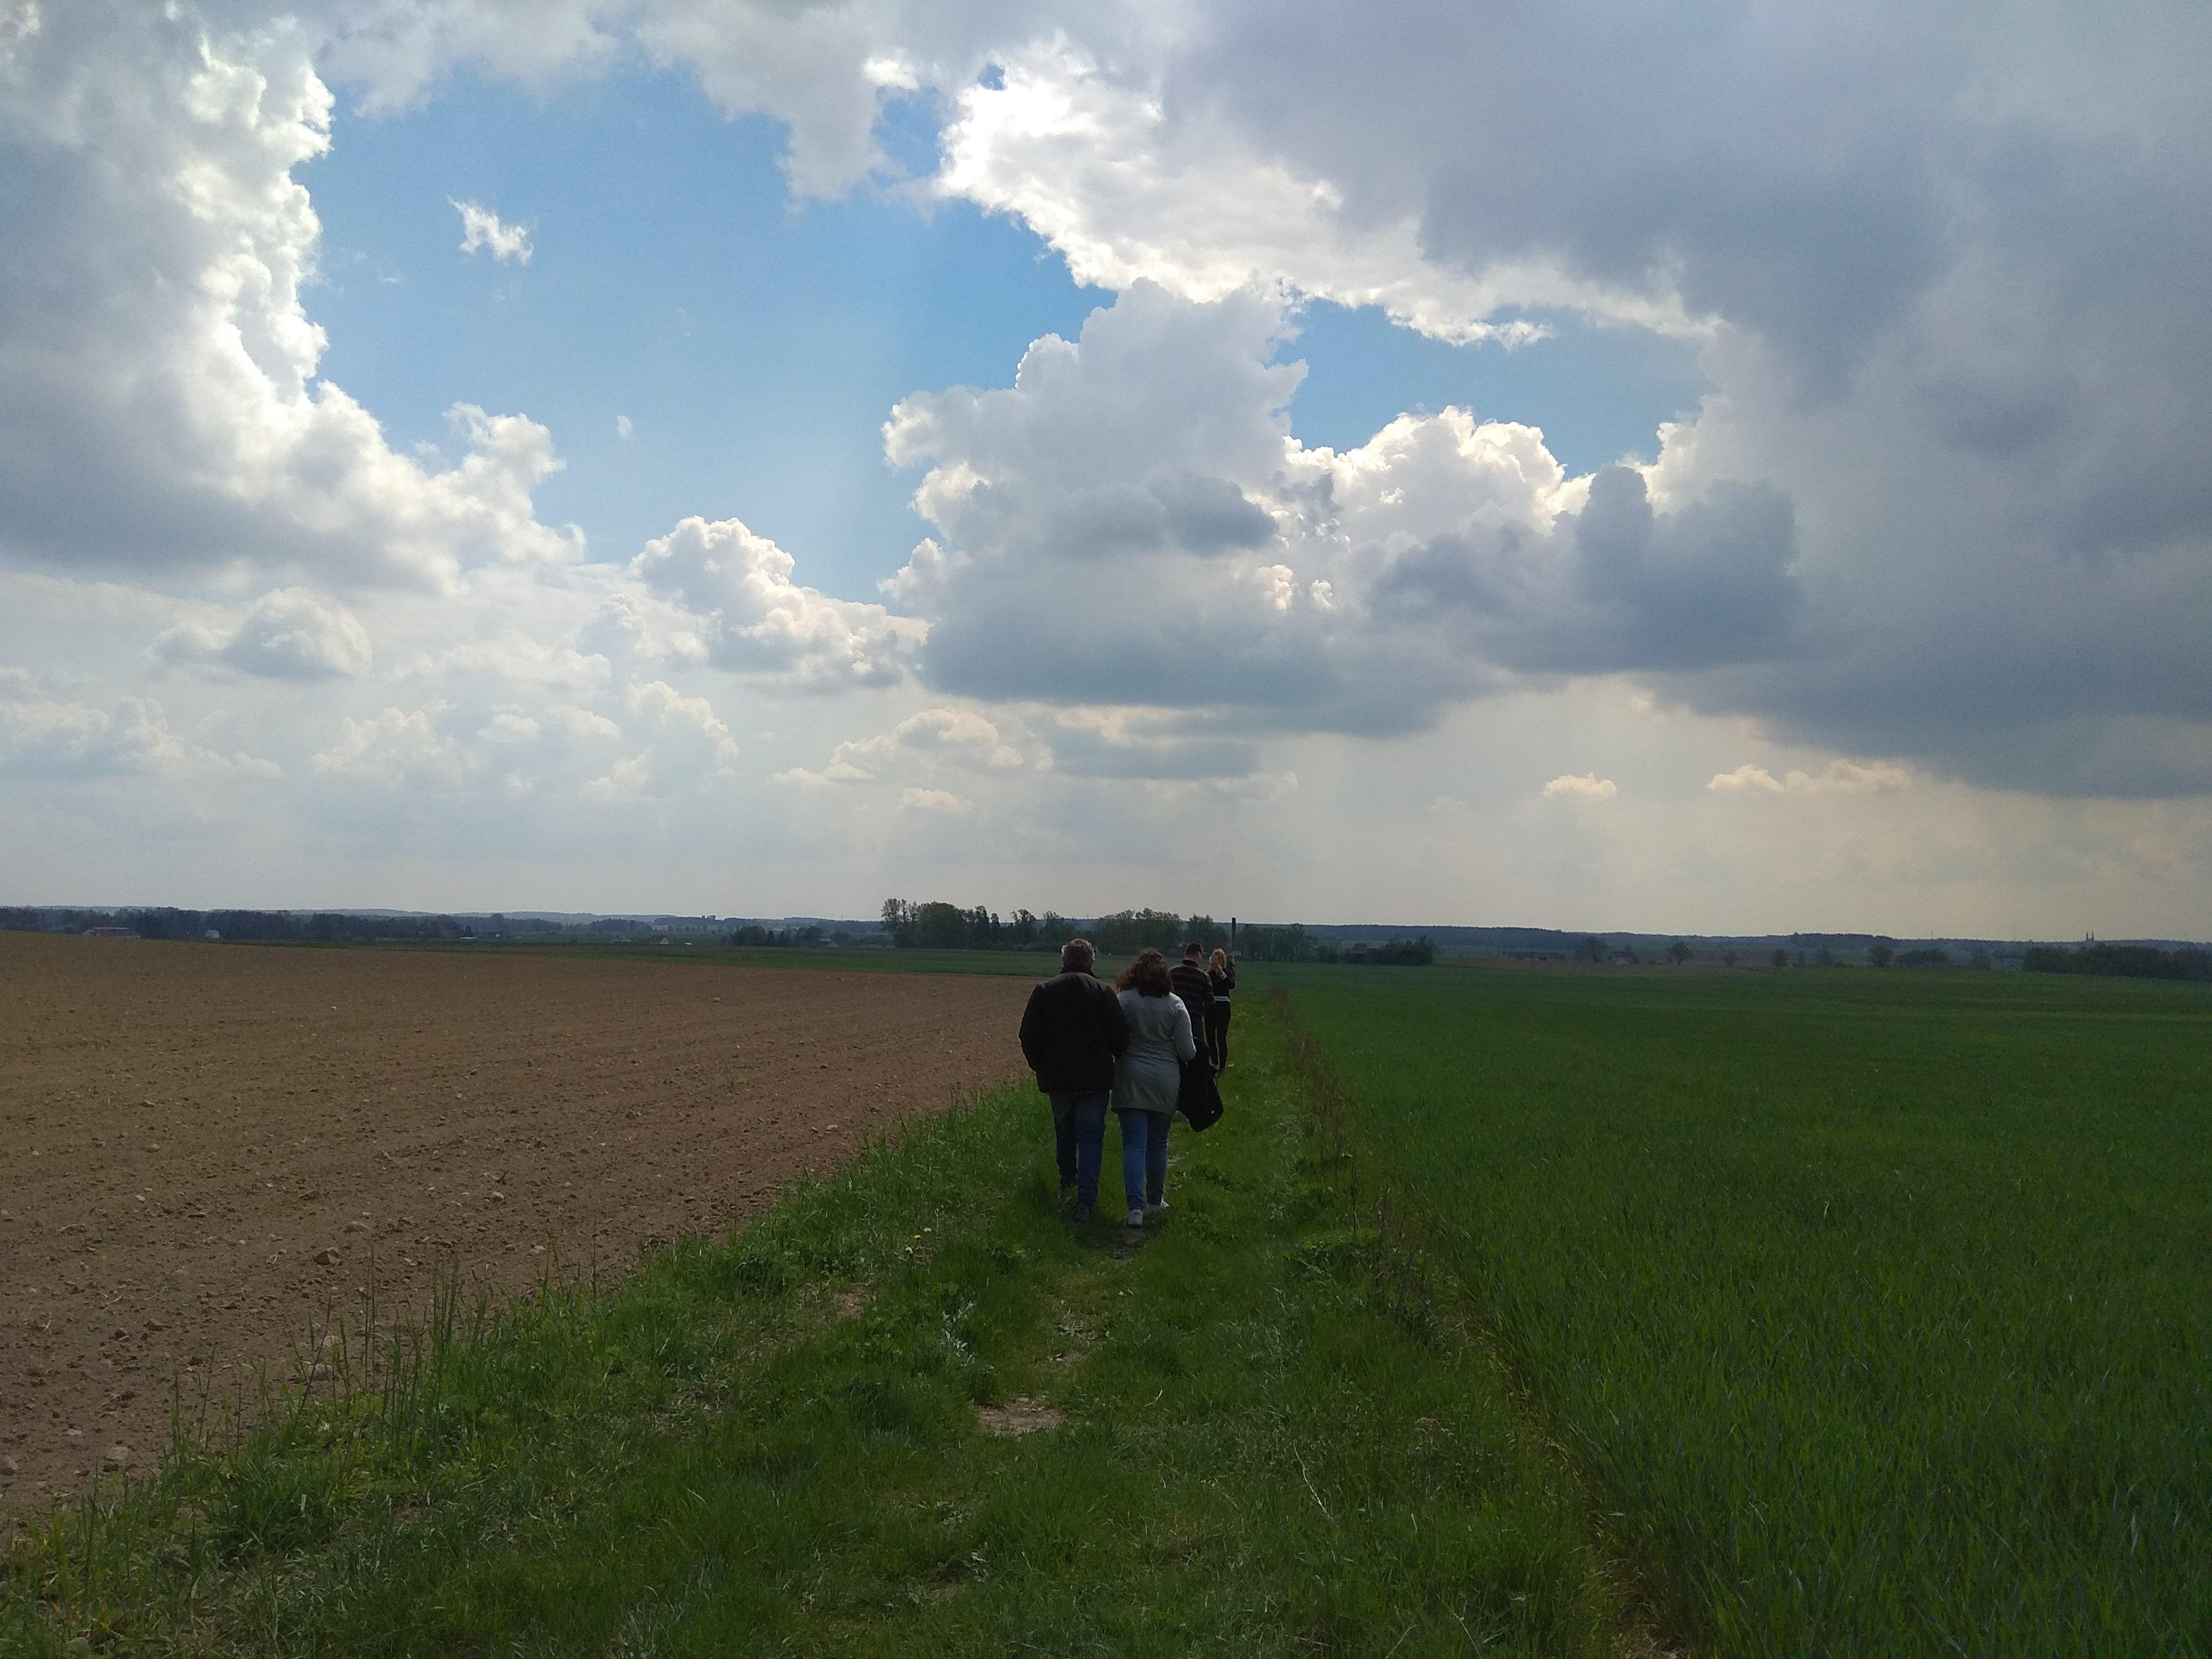 Pejzaż otwartej przestrzeni. Z lewej strony ziemia, prawa strona porośnięta trawą, nad nimi błękitne niebo z kłębiastymi chmurami. Po środku zdjęcia, oddalające się sylwetki ludzi.